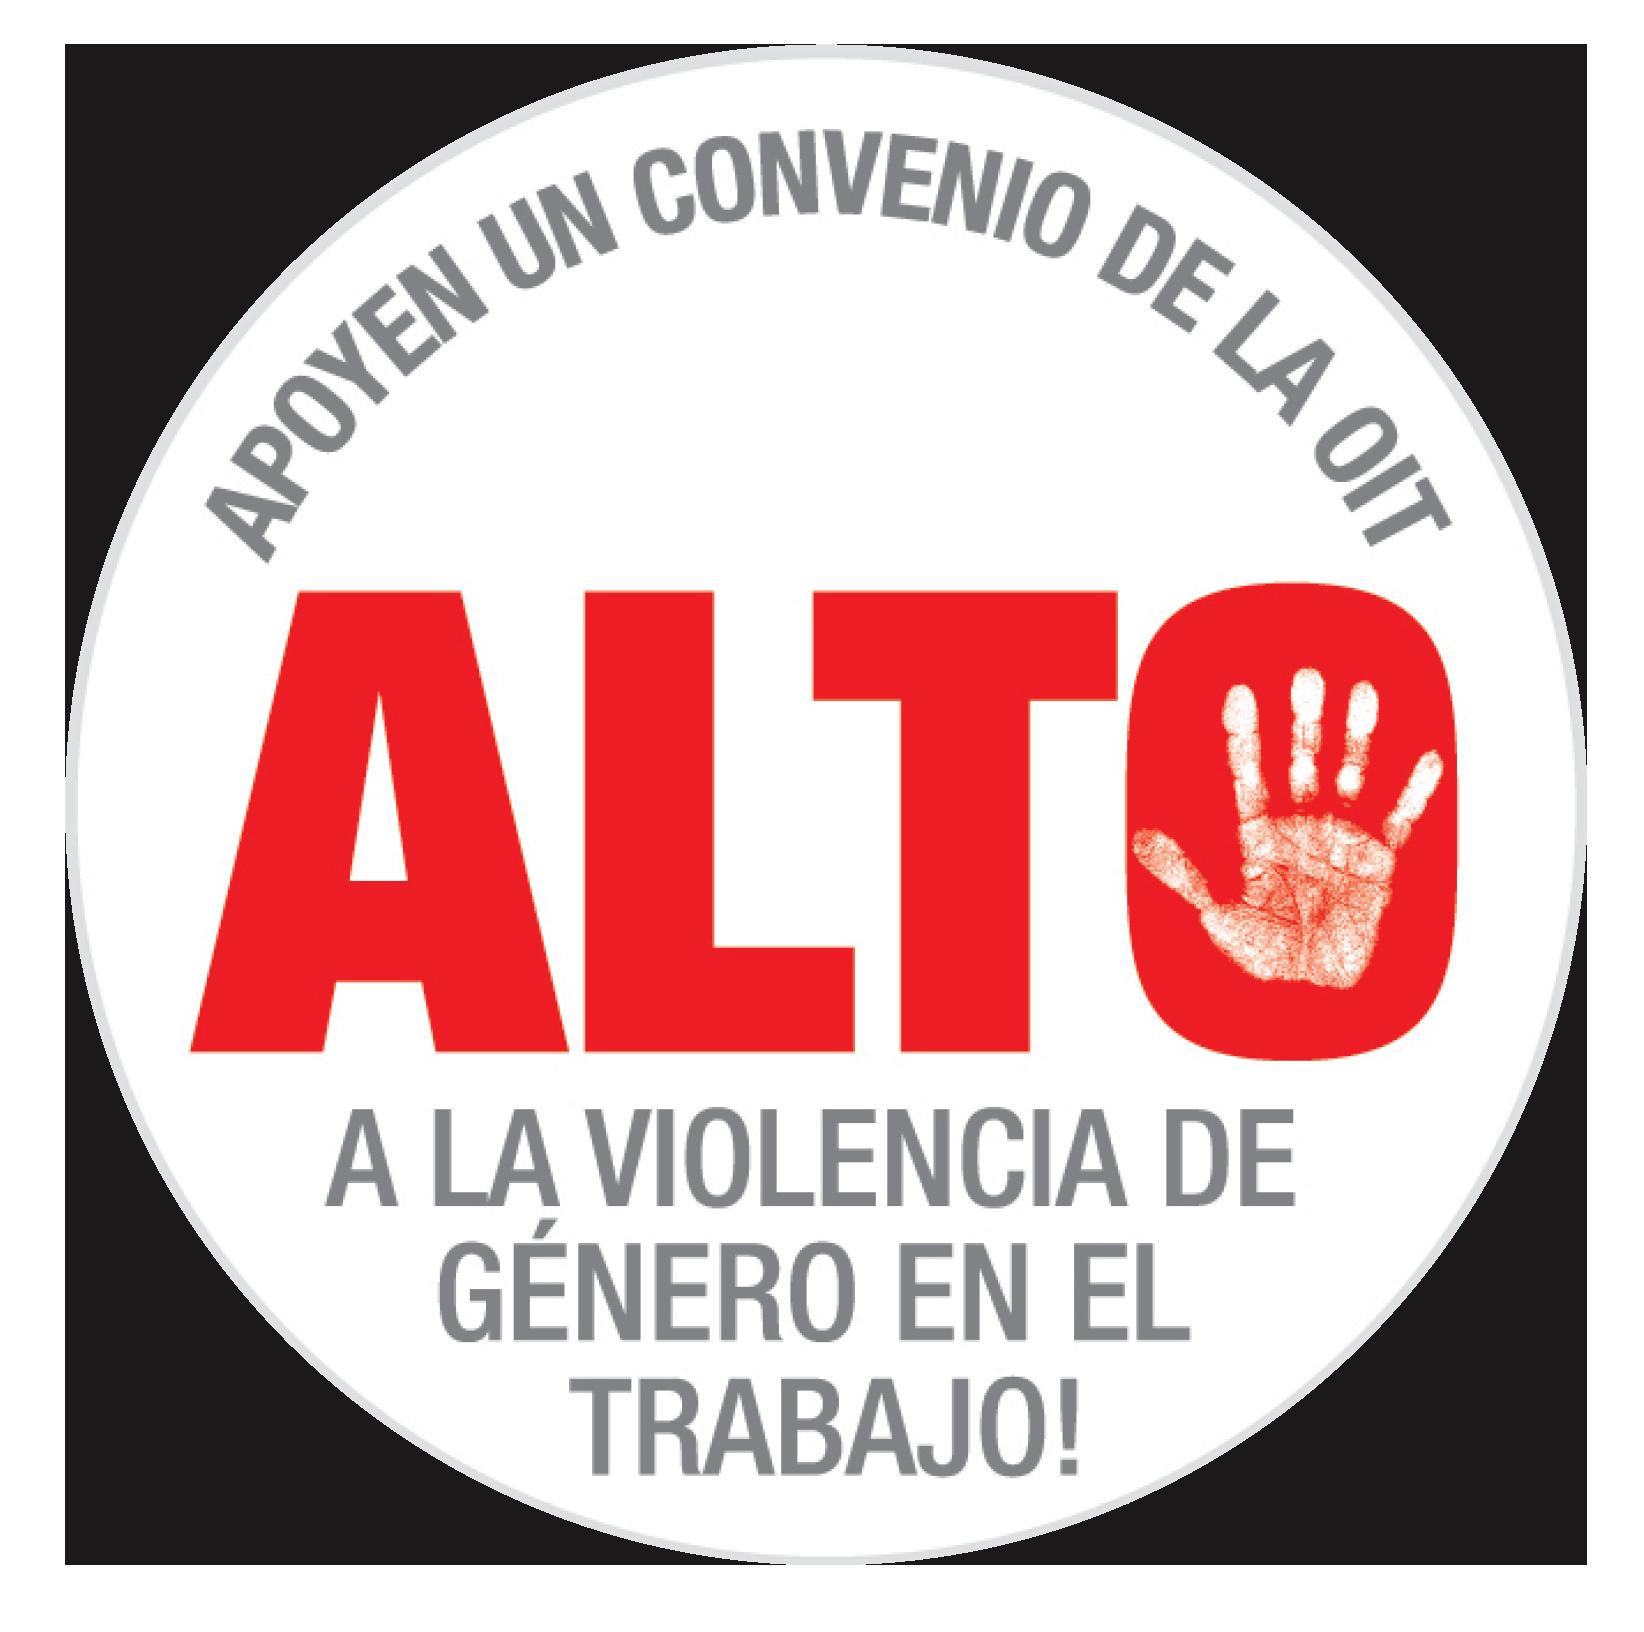 Violencia de género en el trabajo - Confederación Sindical Internacional